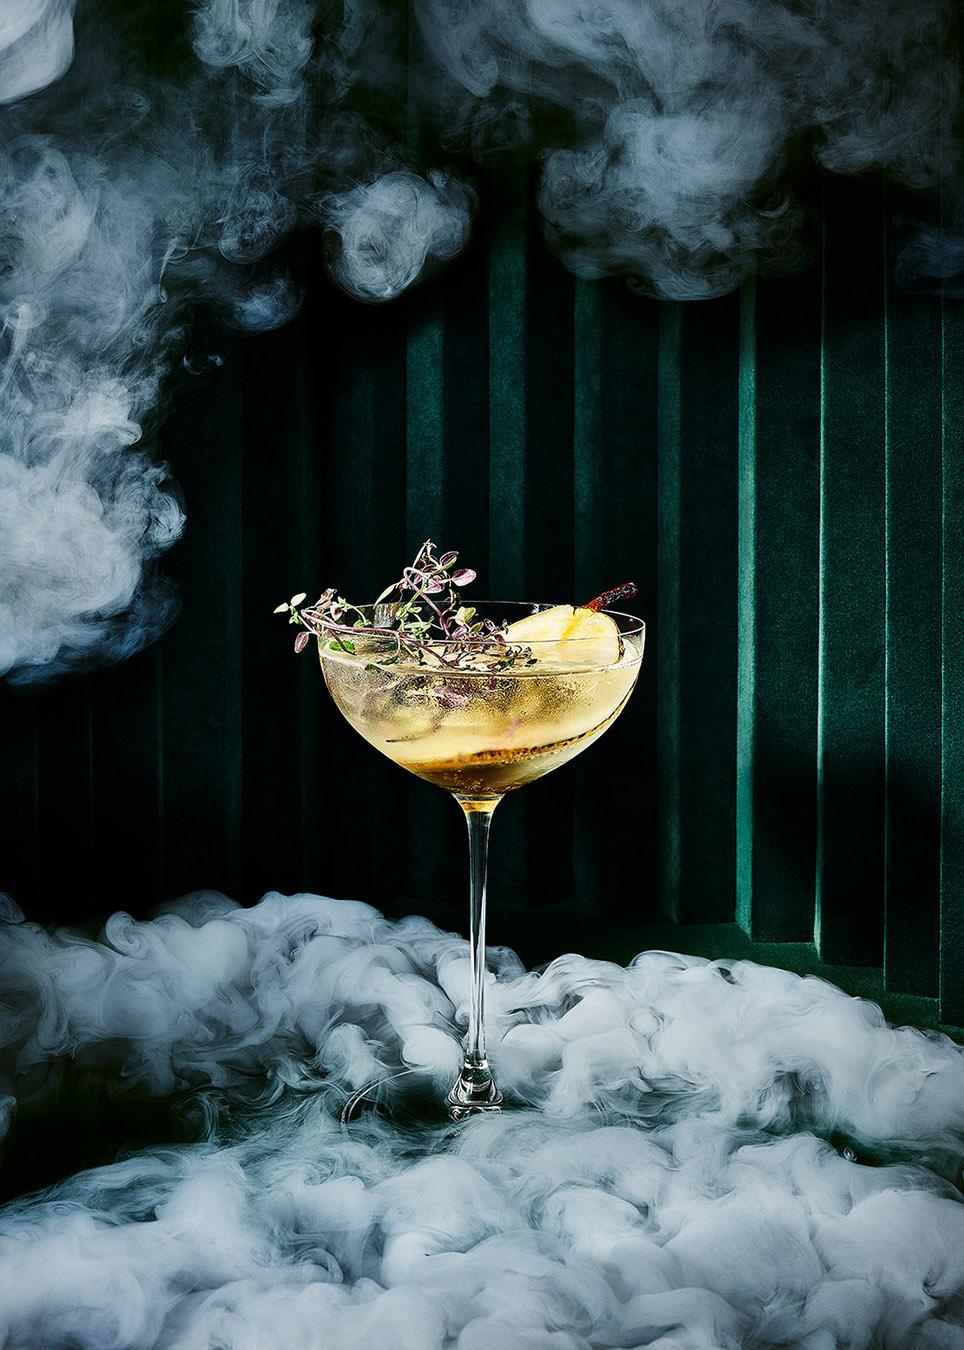 Künstlerische Stilllife Fotografie von Drinks, Cocktails und Getränken